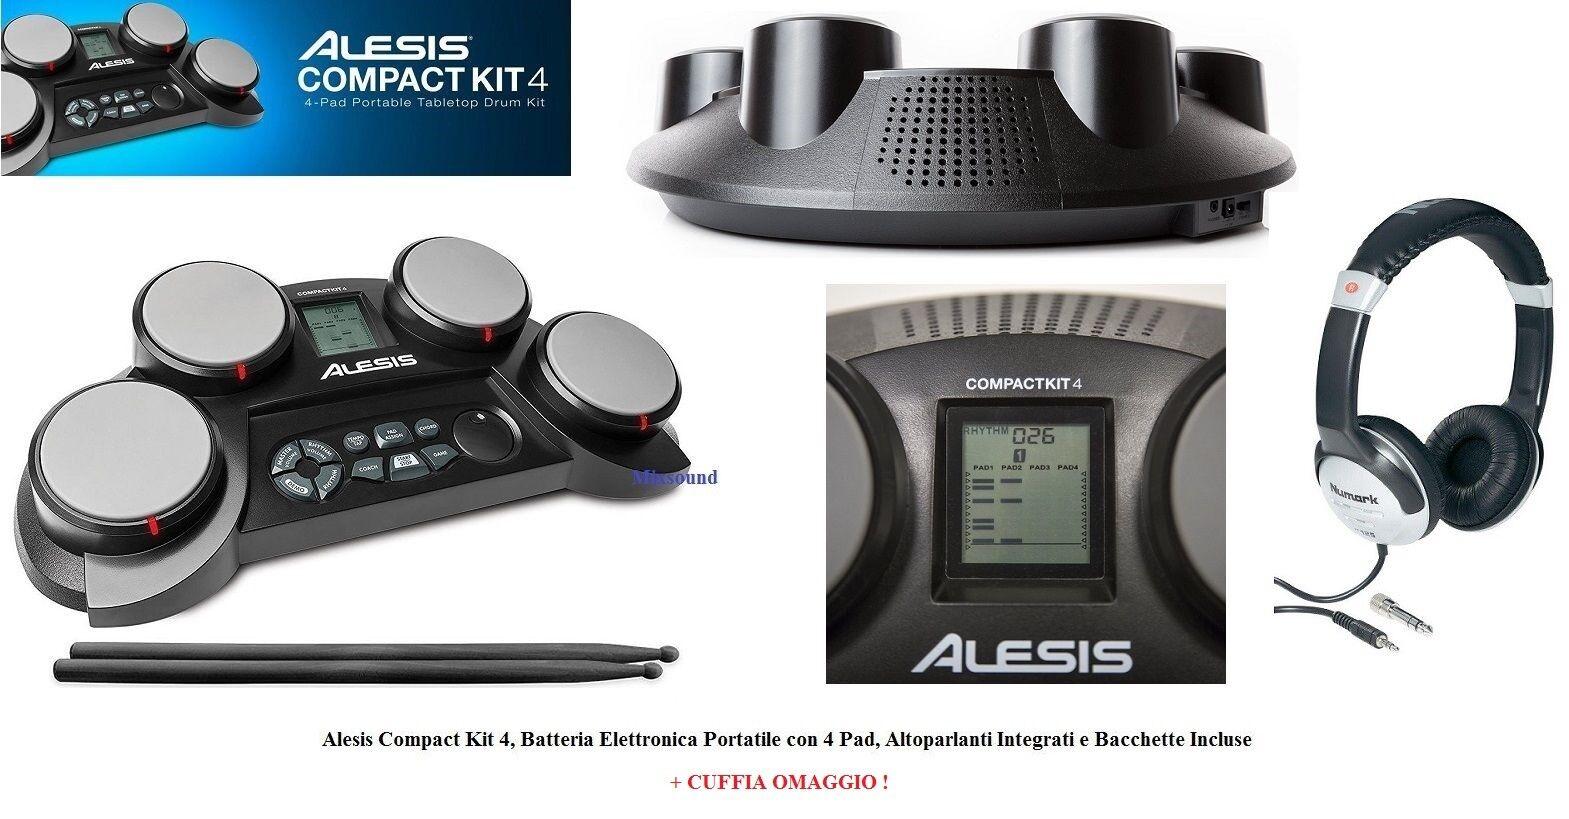 ALESIS Compact Kit 4 PAD Batteria Elettronica Percussione DA TAVOLO + CUFFIA